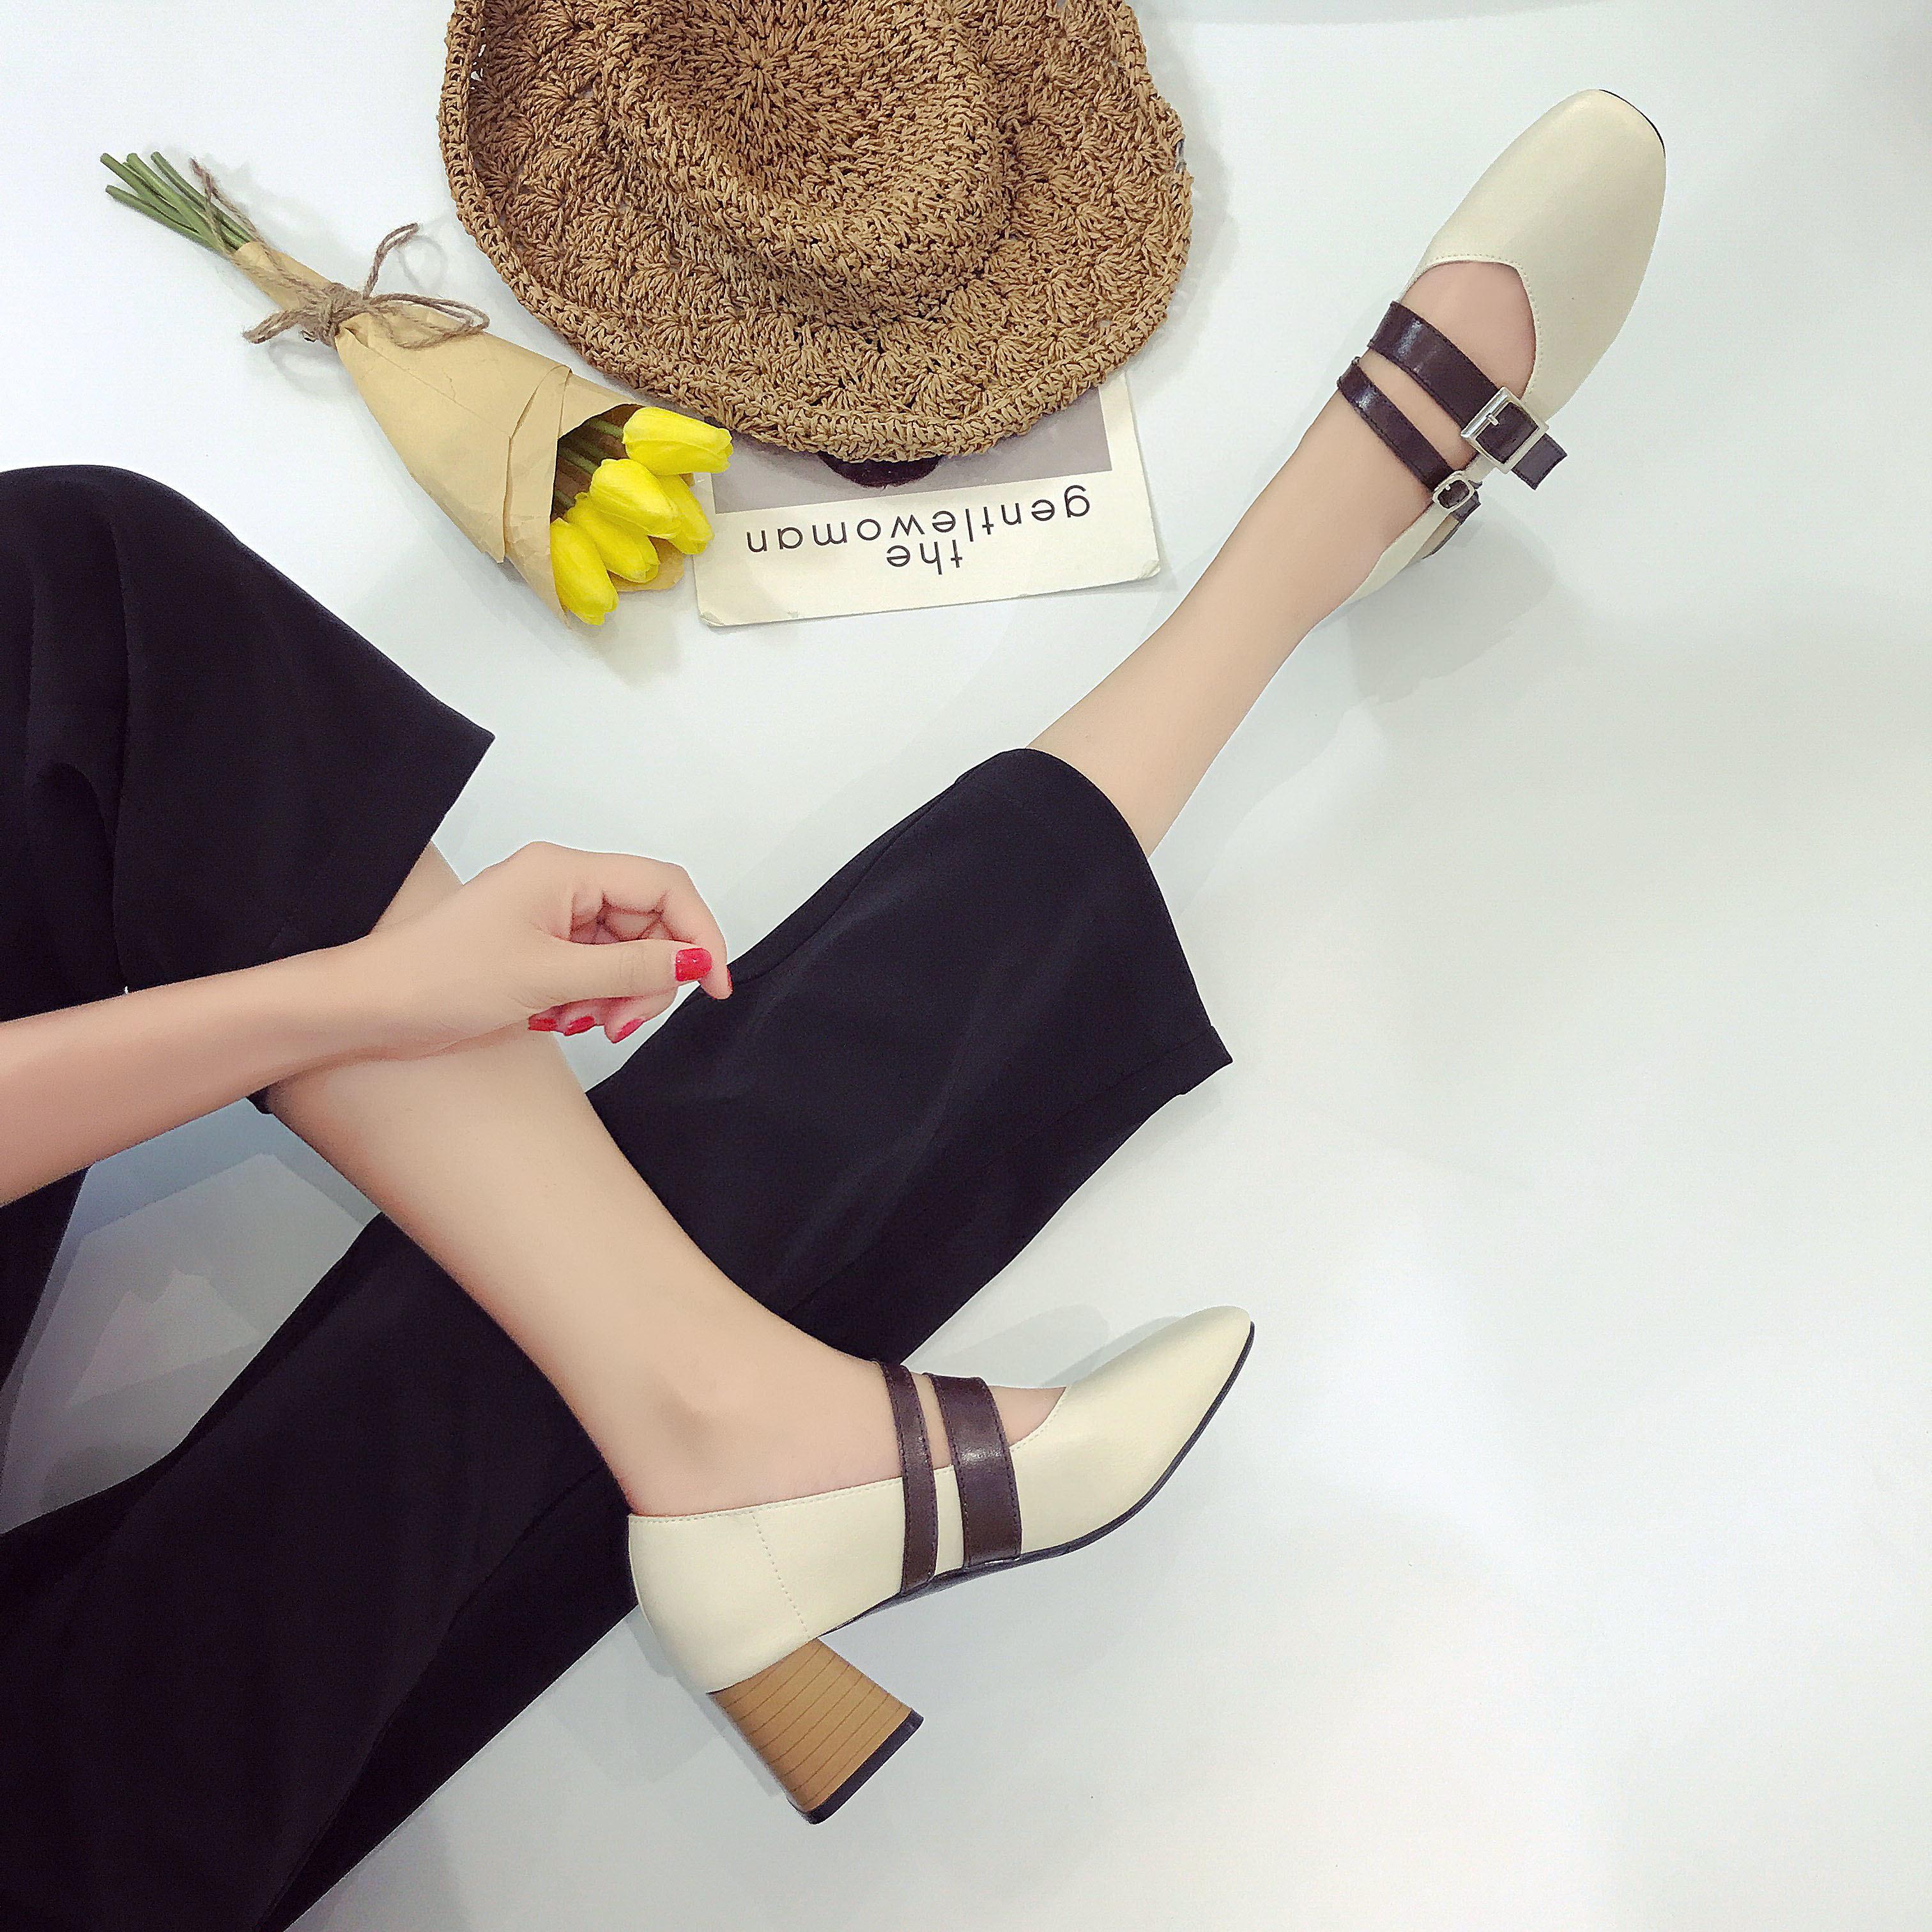 女鞋单鞋 2017夏季新款韩版套脚女鞋鞋一字扣带女单鞋粗跟深口休闲低帮鞋女_推荐淘宝好看的女鞋单鞋